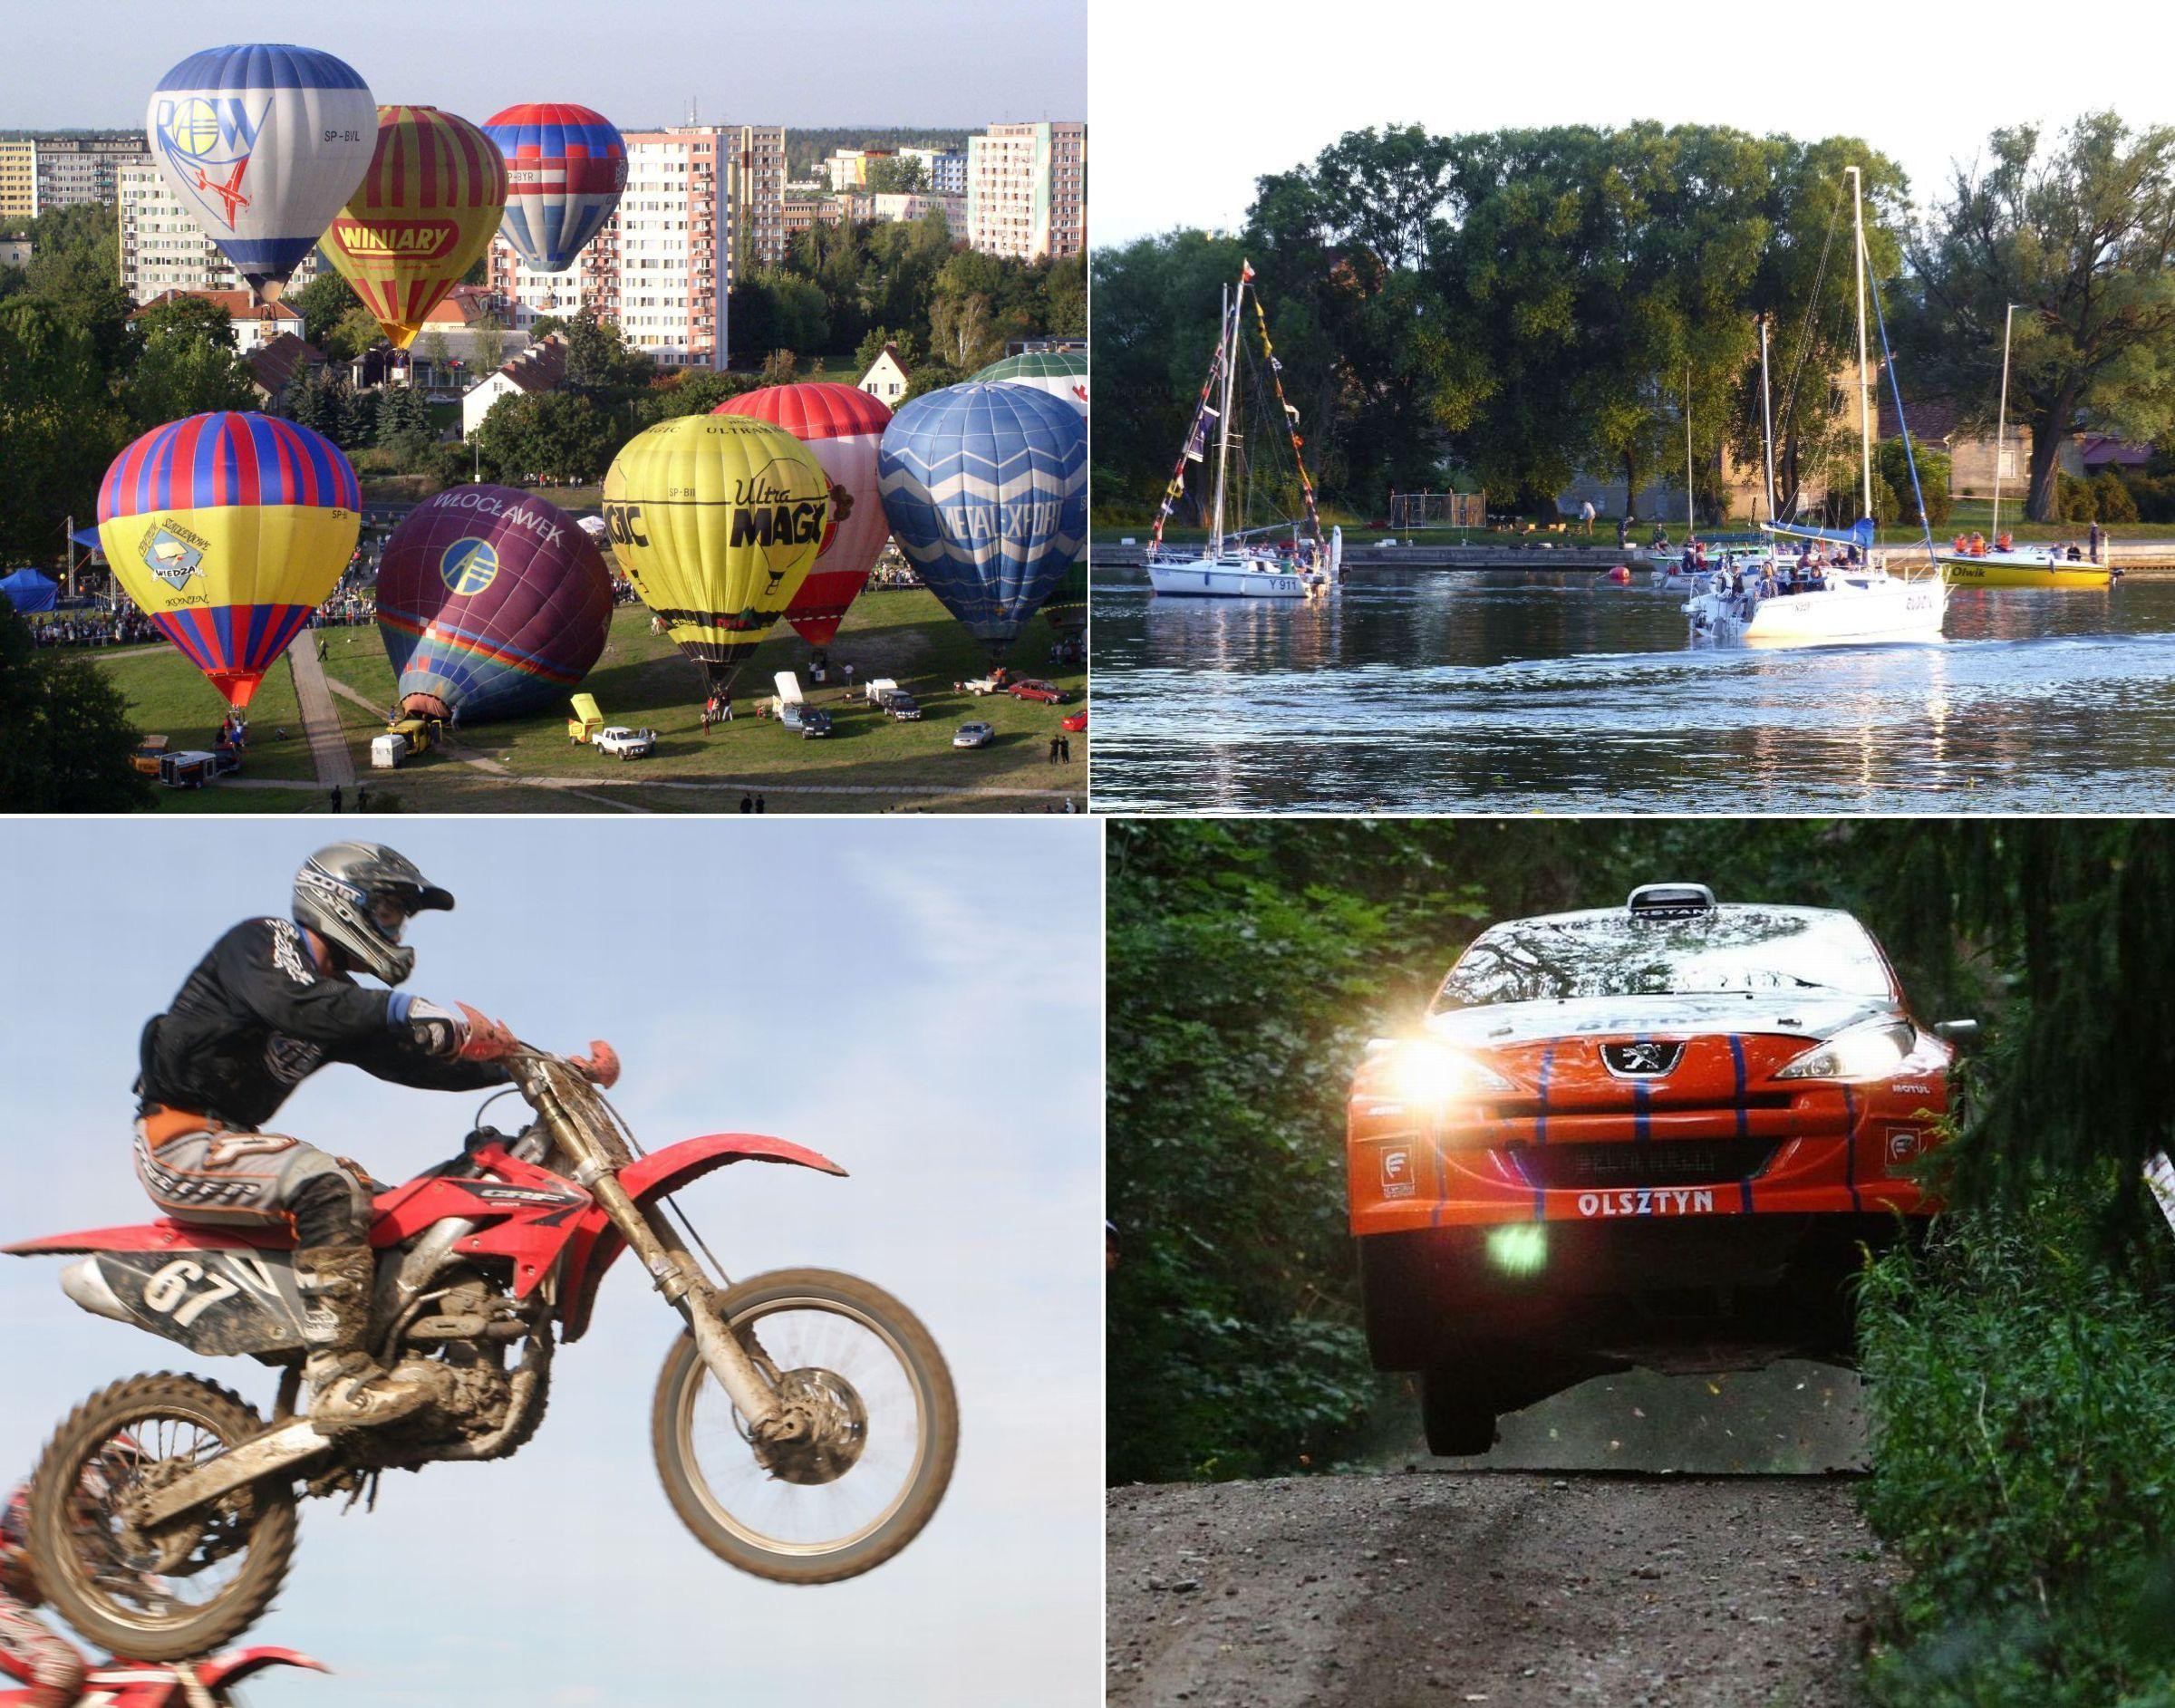 Festiwal balonowy, zawody motocrossowe i Dni Morza. Sprawdź weekendowe atrakcje!